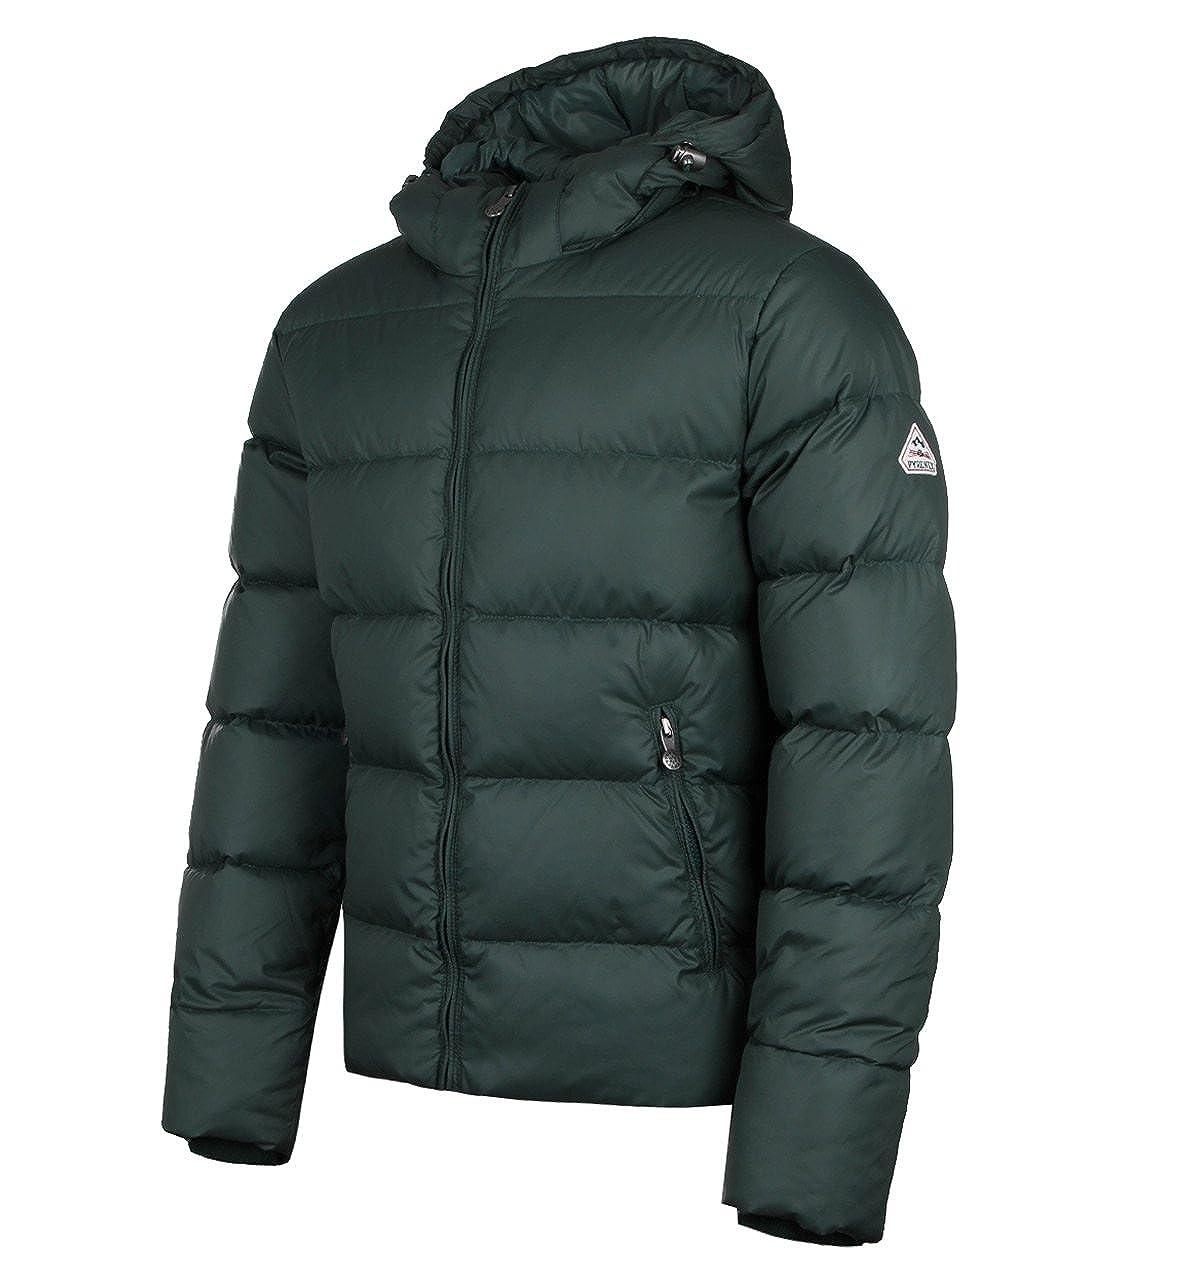 Vêtements Spoutnic Bleu Et Pyrenex Jacket Hmi002p Mat Doudounes Accessoires Xxl 1xfxq0U